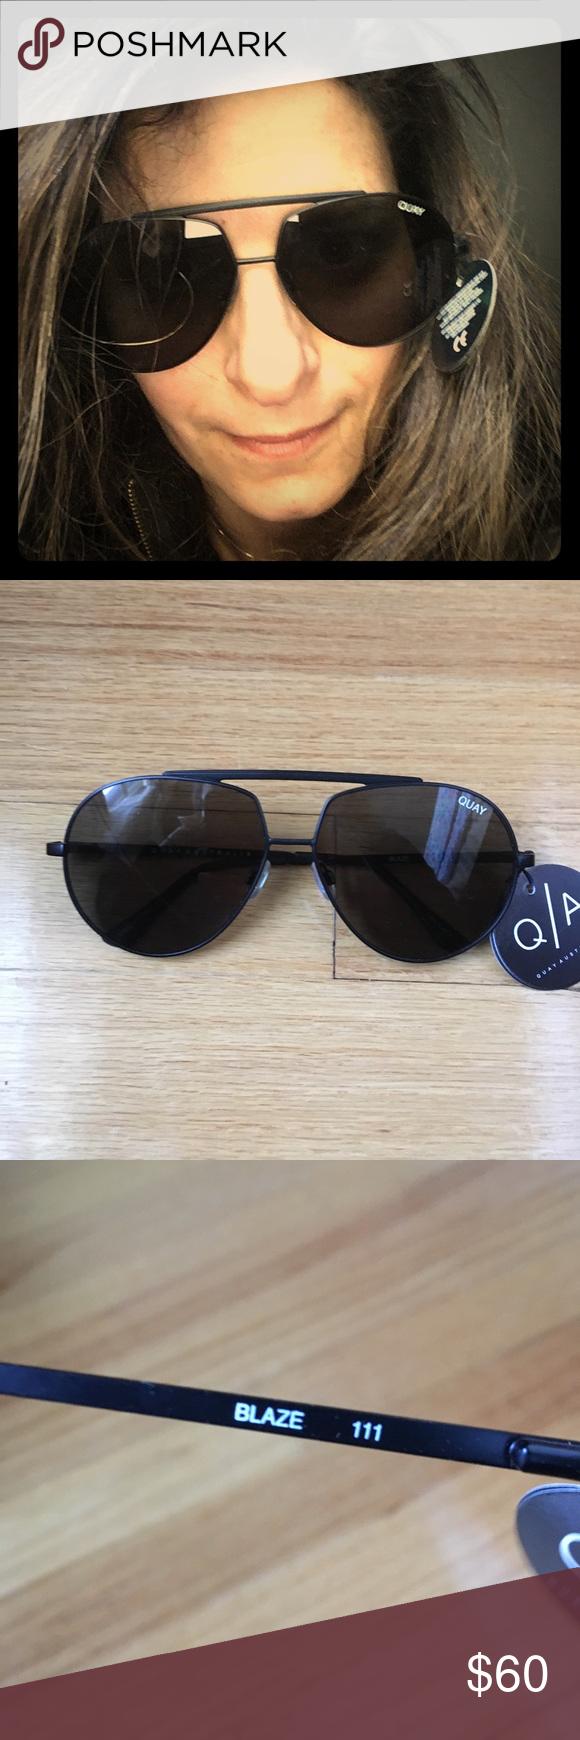 f92a28fbef606 NEW Quay Blaze black Aviator sunglasses New with tag. Case not included. Quay  Blaze